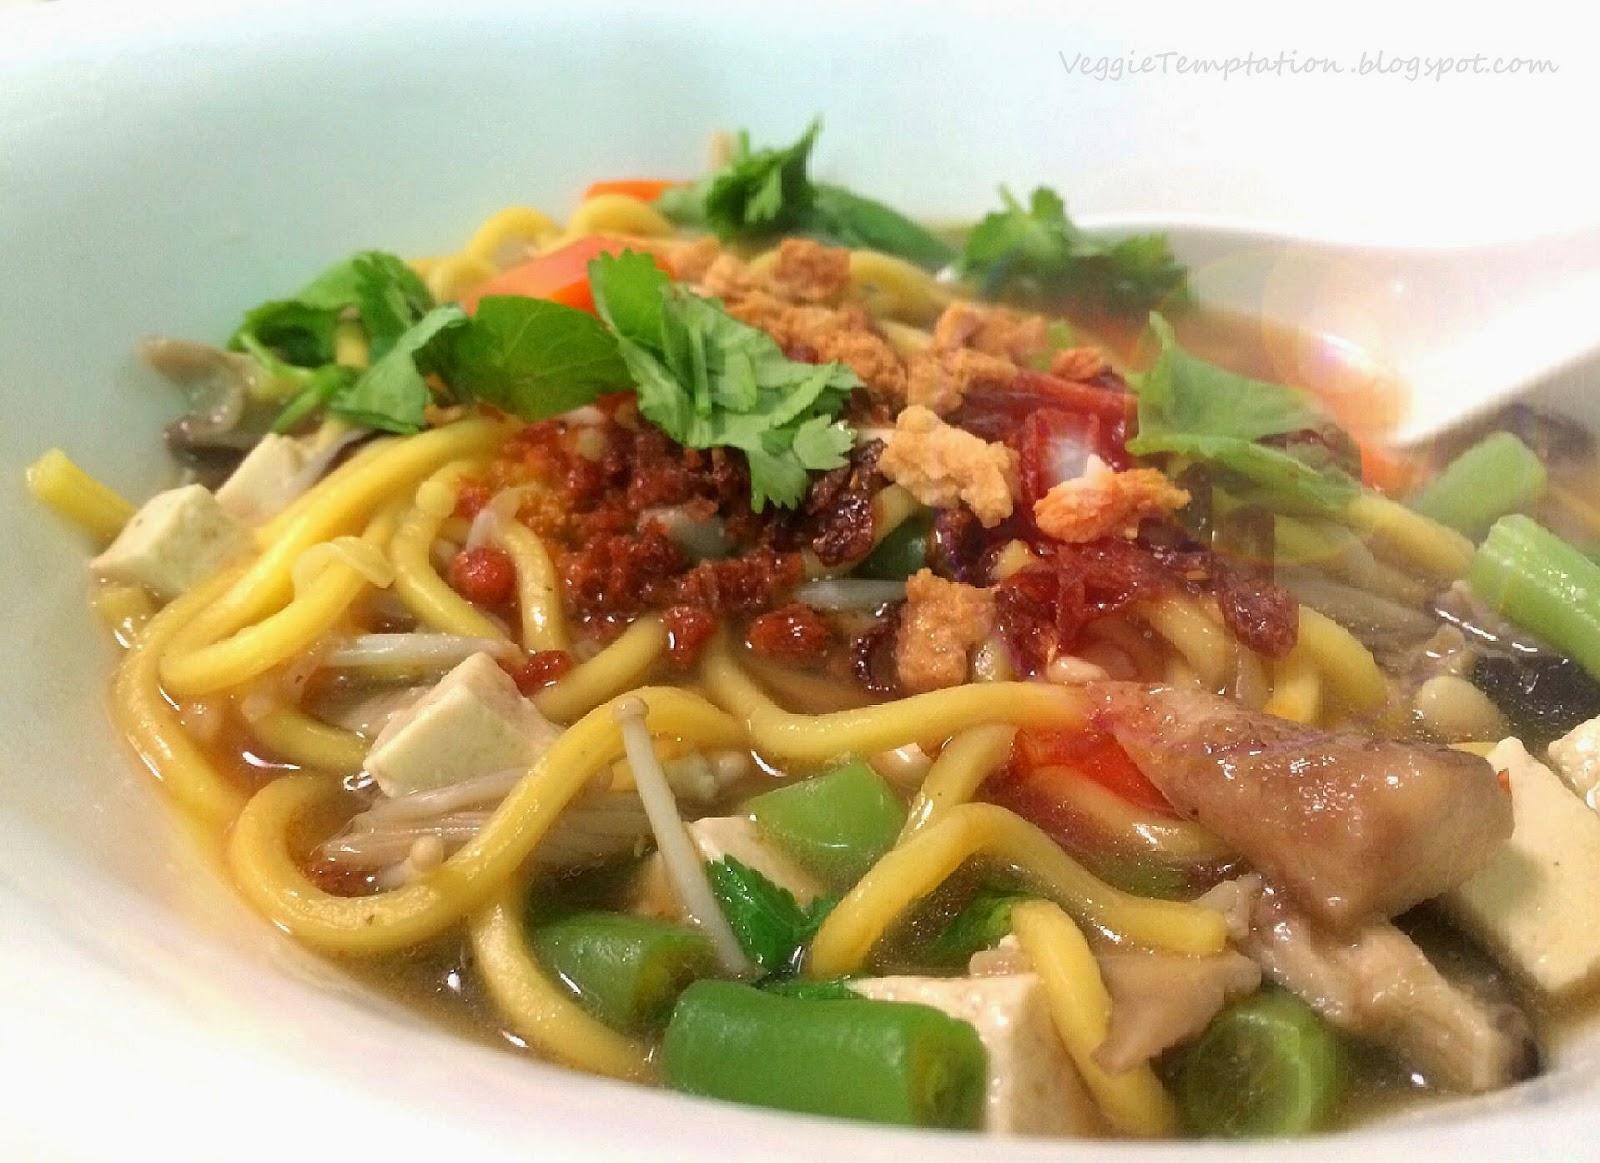 ♥ Veggie Temptation: Vegetarian Asian Noodle Soup